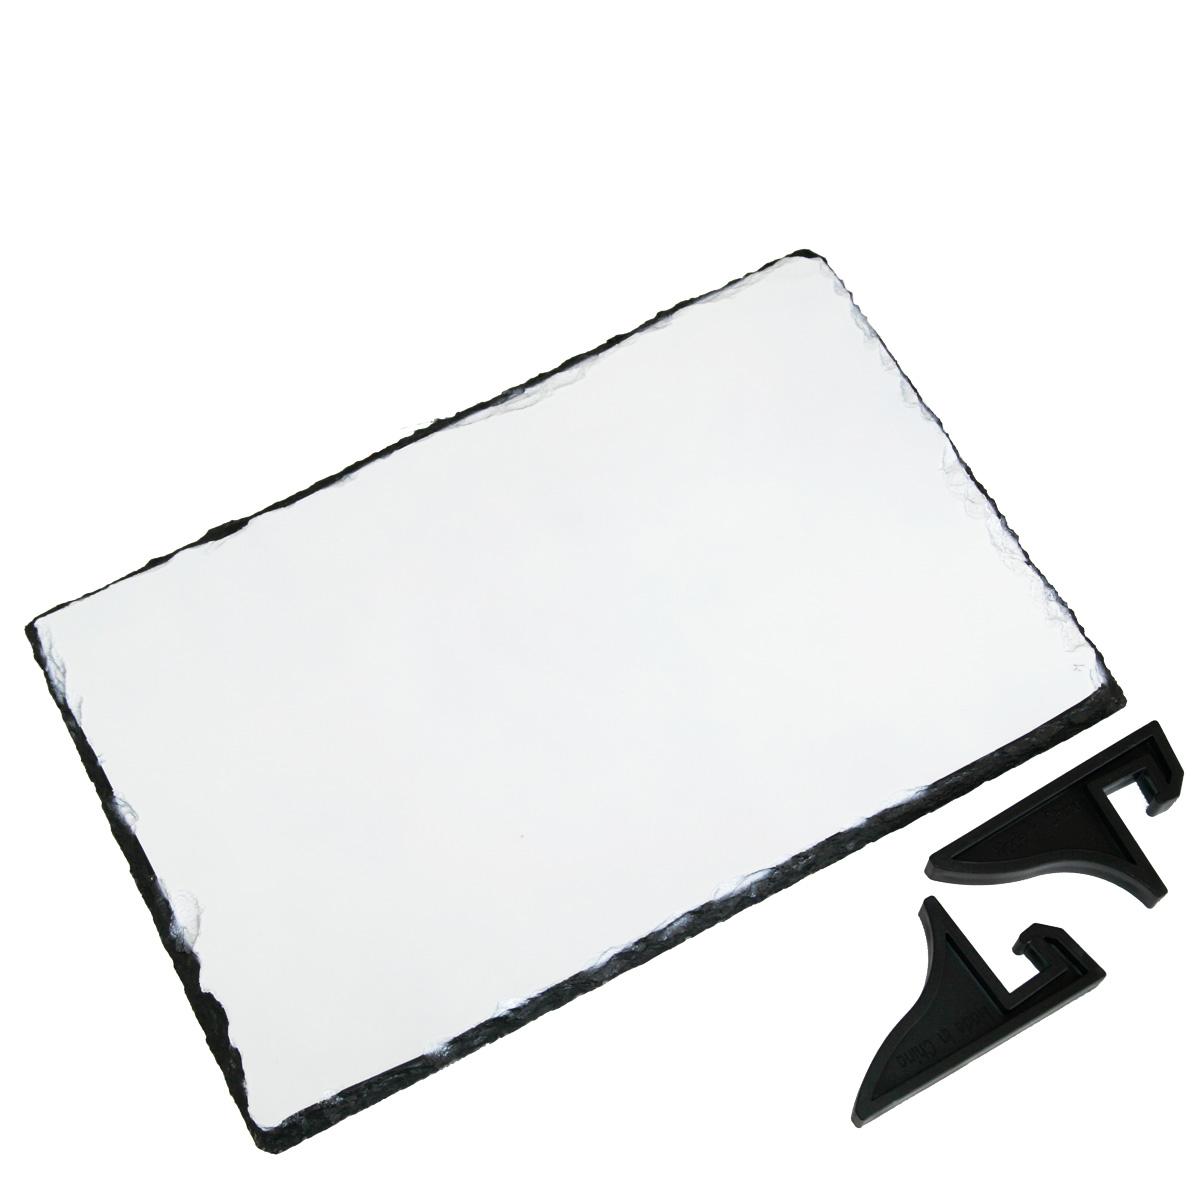 Prostokątna płyta kamienna do sublimacji - 29 x 19 cm